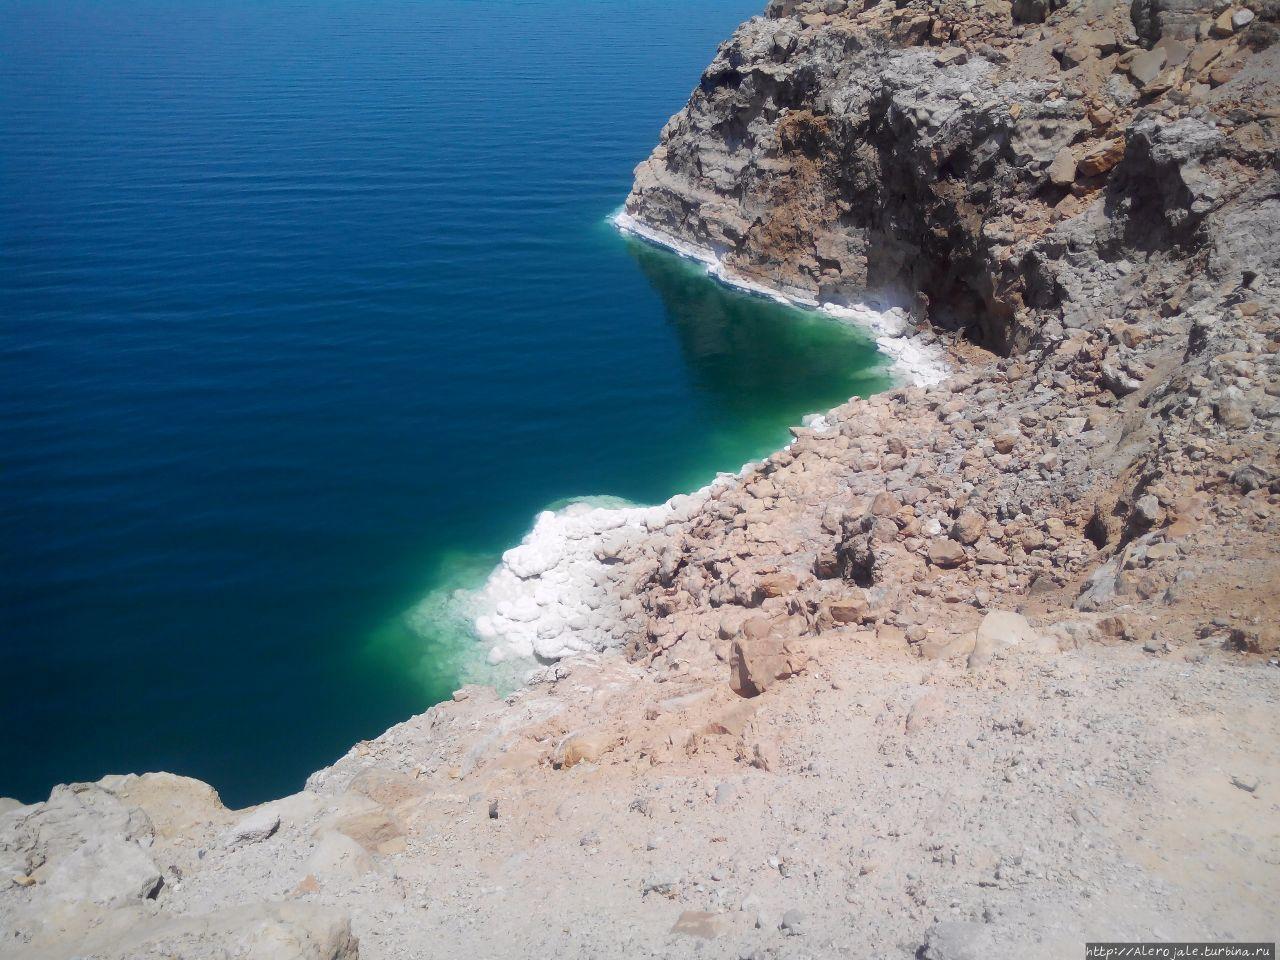 Мертвое море .. лучше поздно, чем никогда Мадаба, Иордания